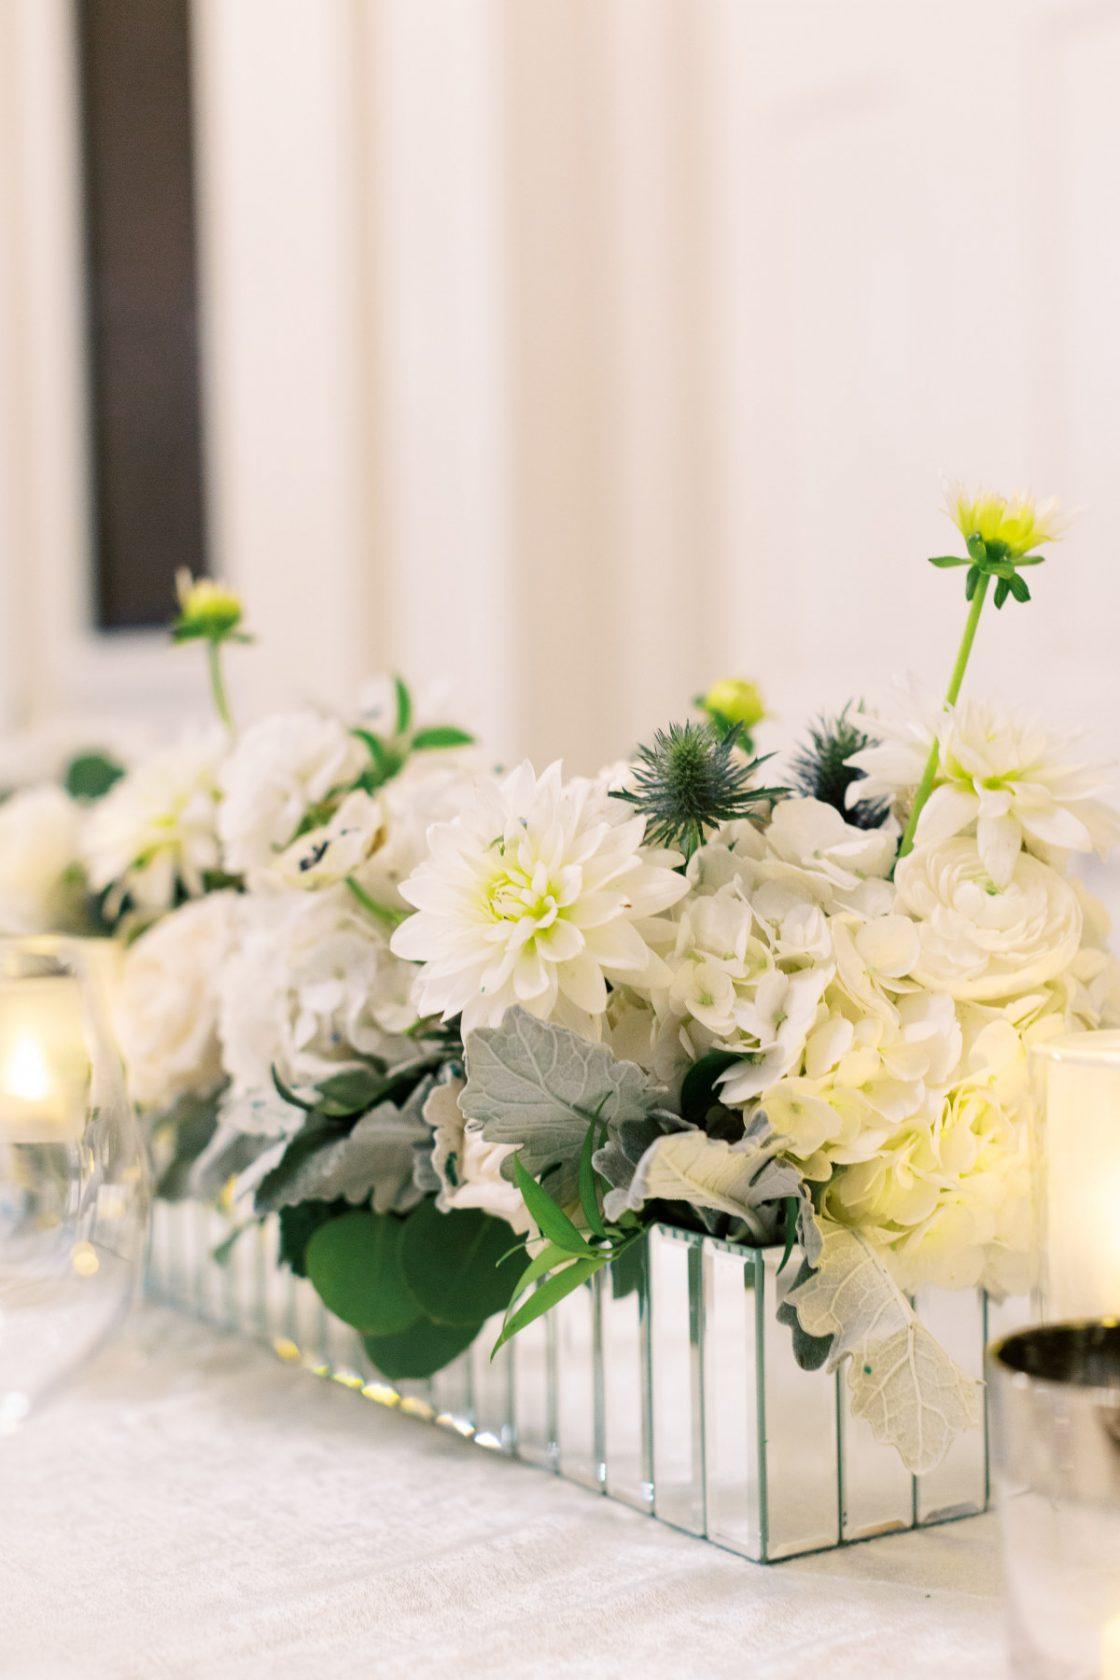 White Wedding Centerpiece